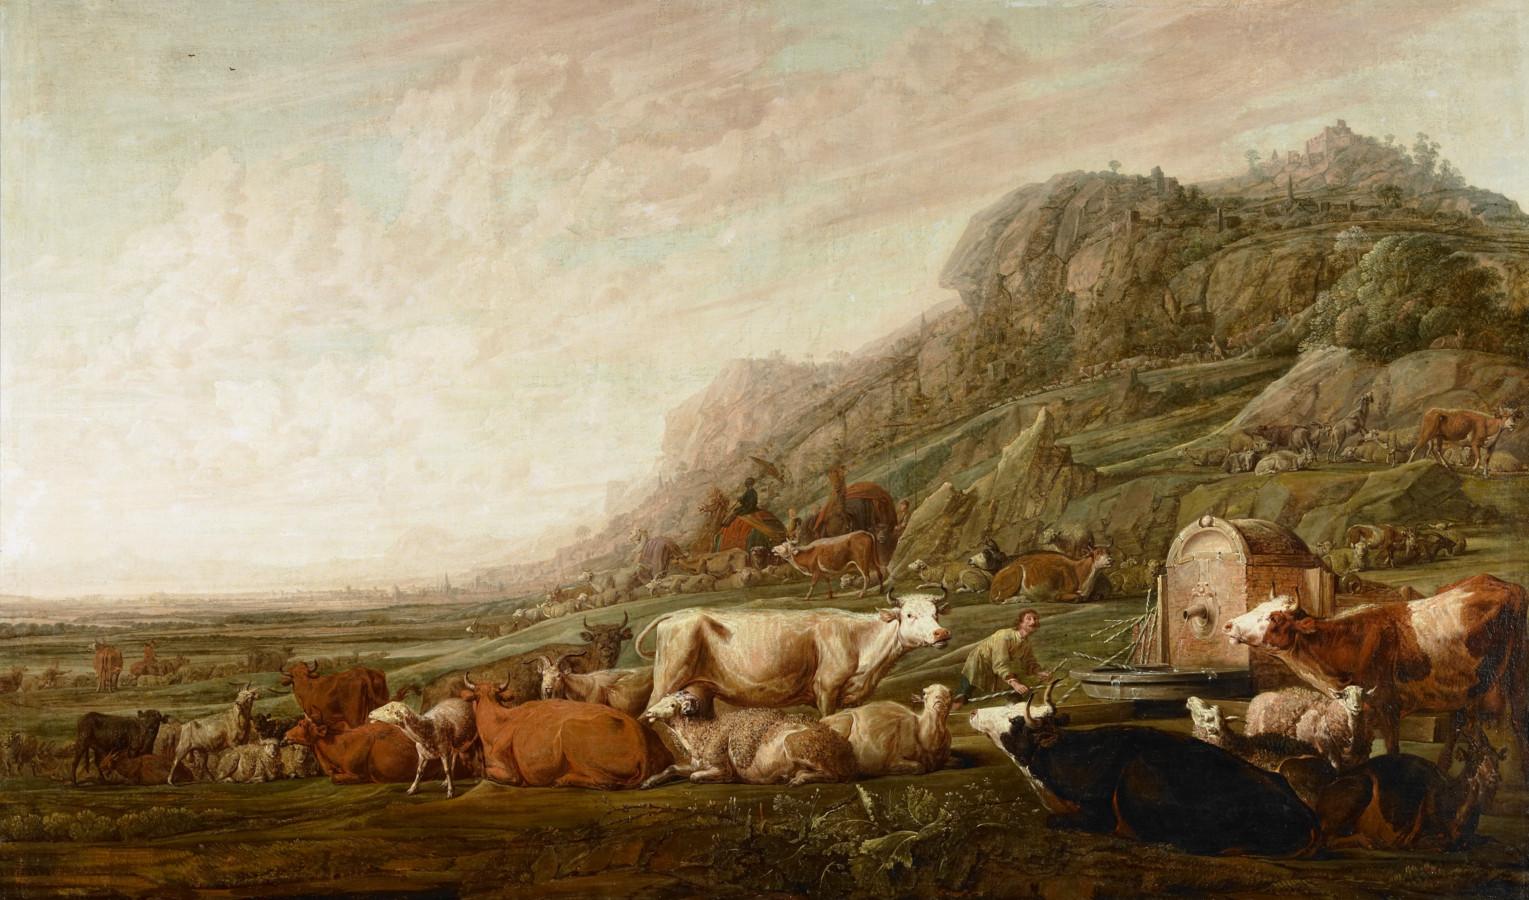 Jacob hoedt de kudde van Laban. Een gesigneerd schilderij van Franchoys Ryckhals uit 1642, dat in het bezit is van het Zeeuws Museum en nu in het Stadhuismuseum is te zien